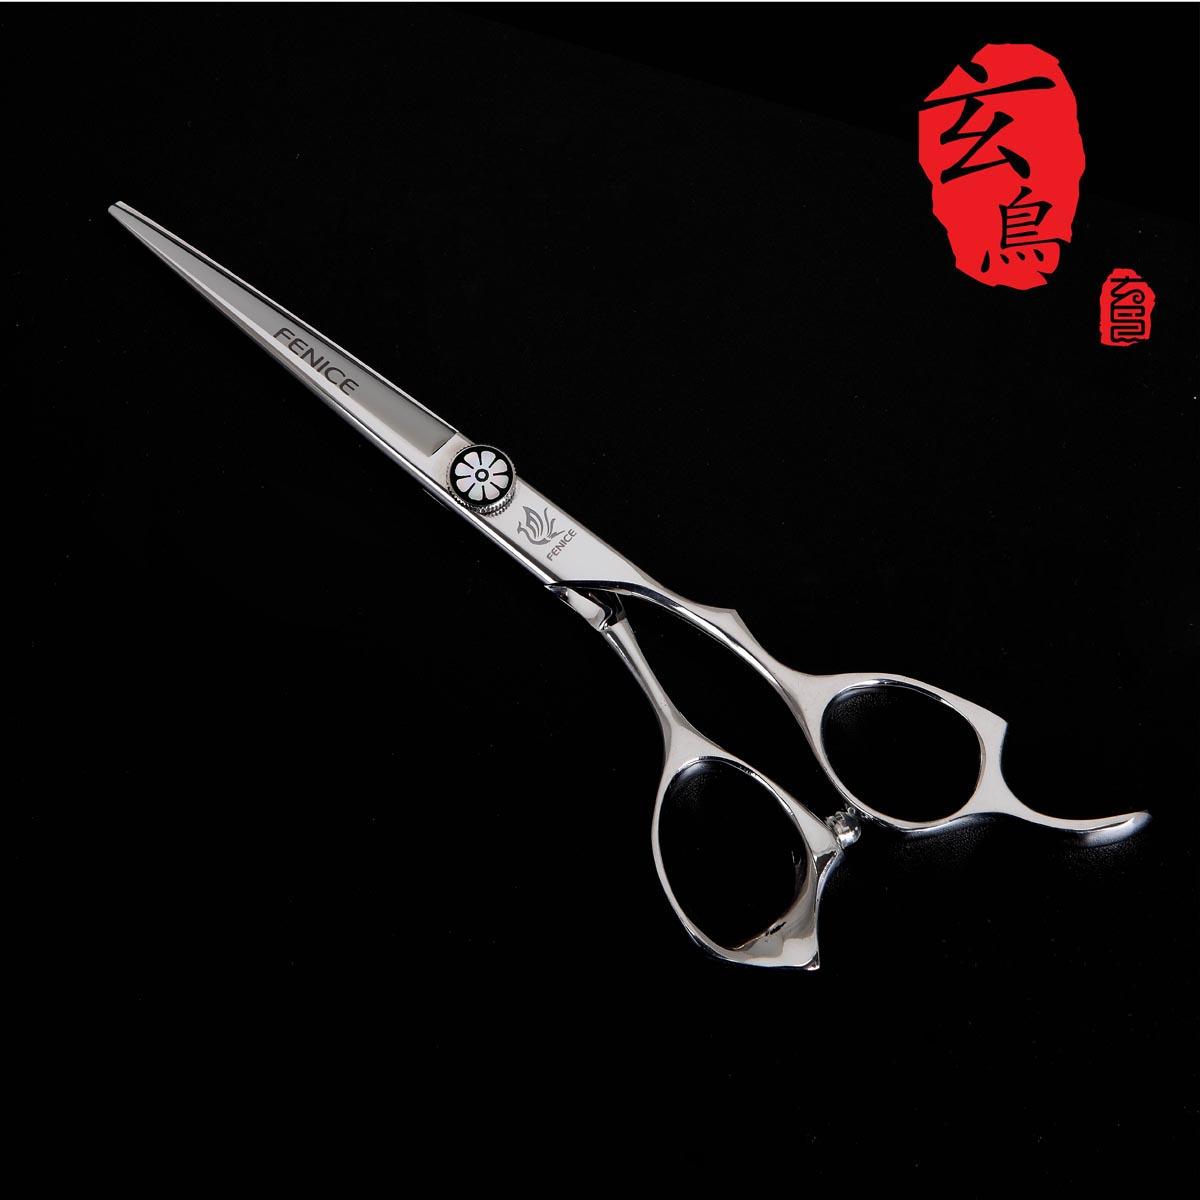 Ножницы парикмахерские Fenice 600xhpj